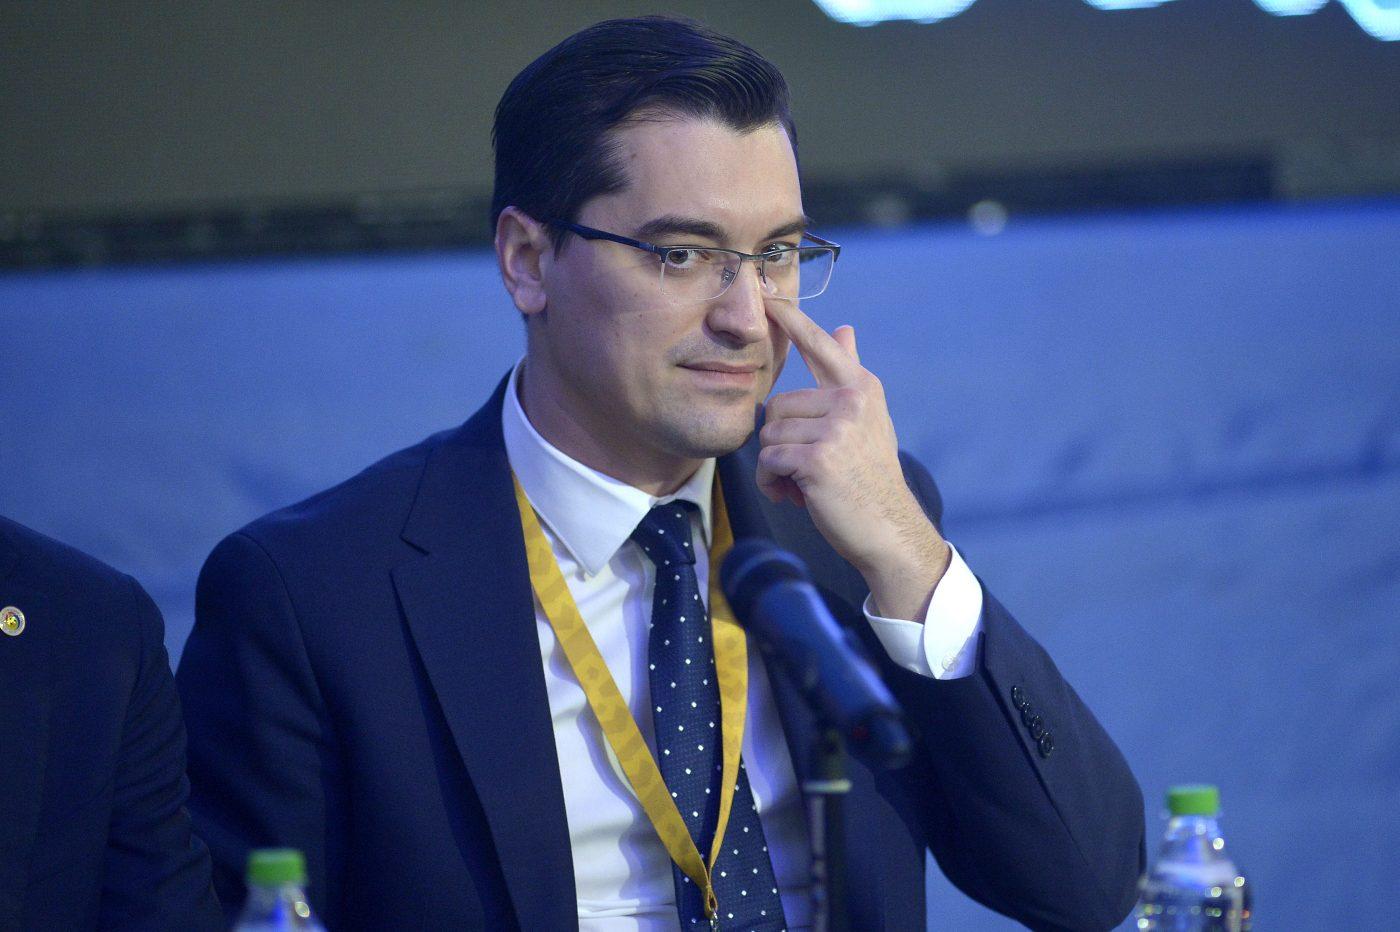 Președintele FRF, Răzvan Burleanu, și oamenii săi nu țin cont de situația grea de la Dinamo